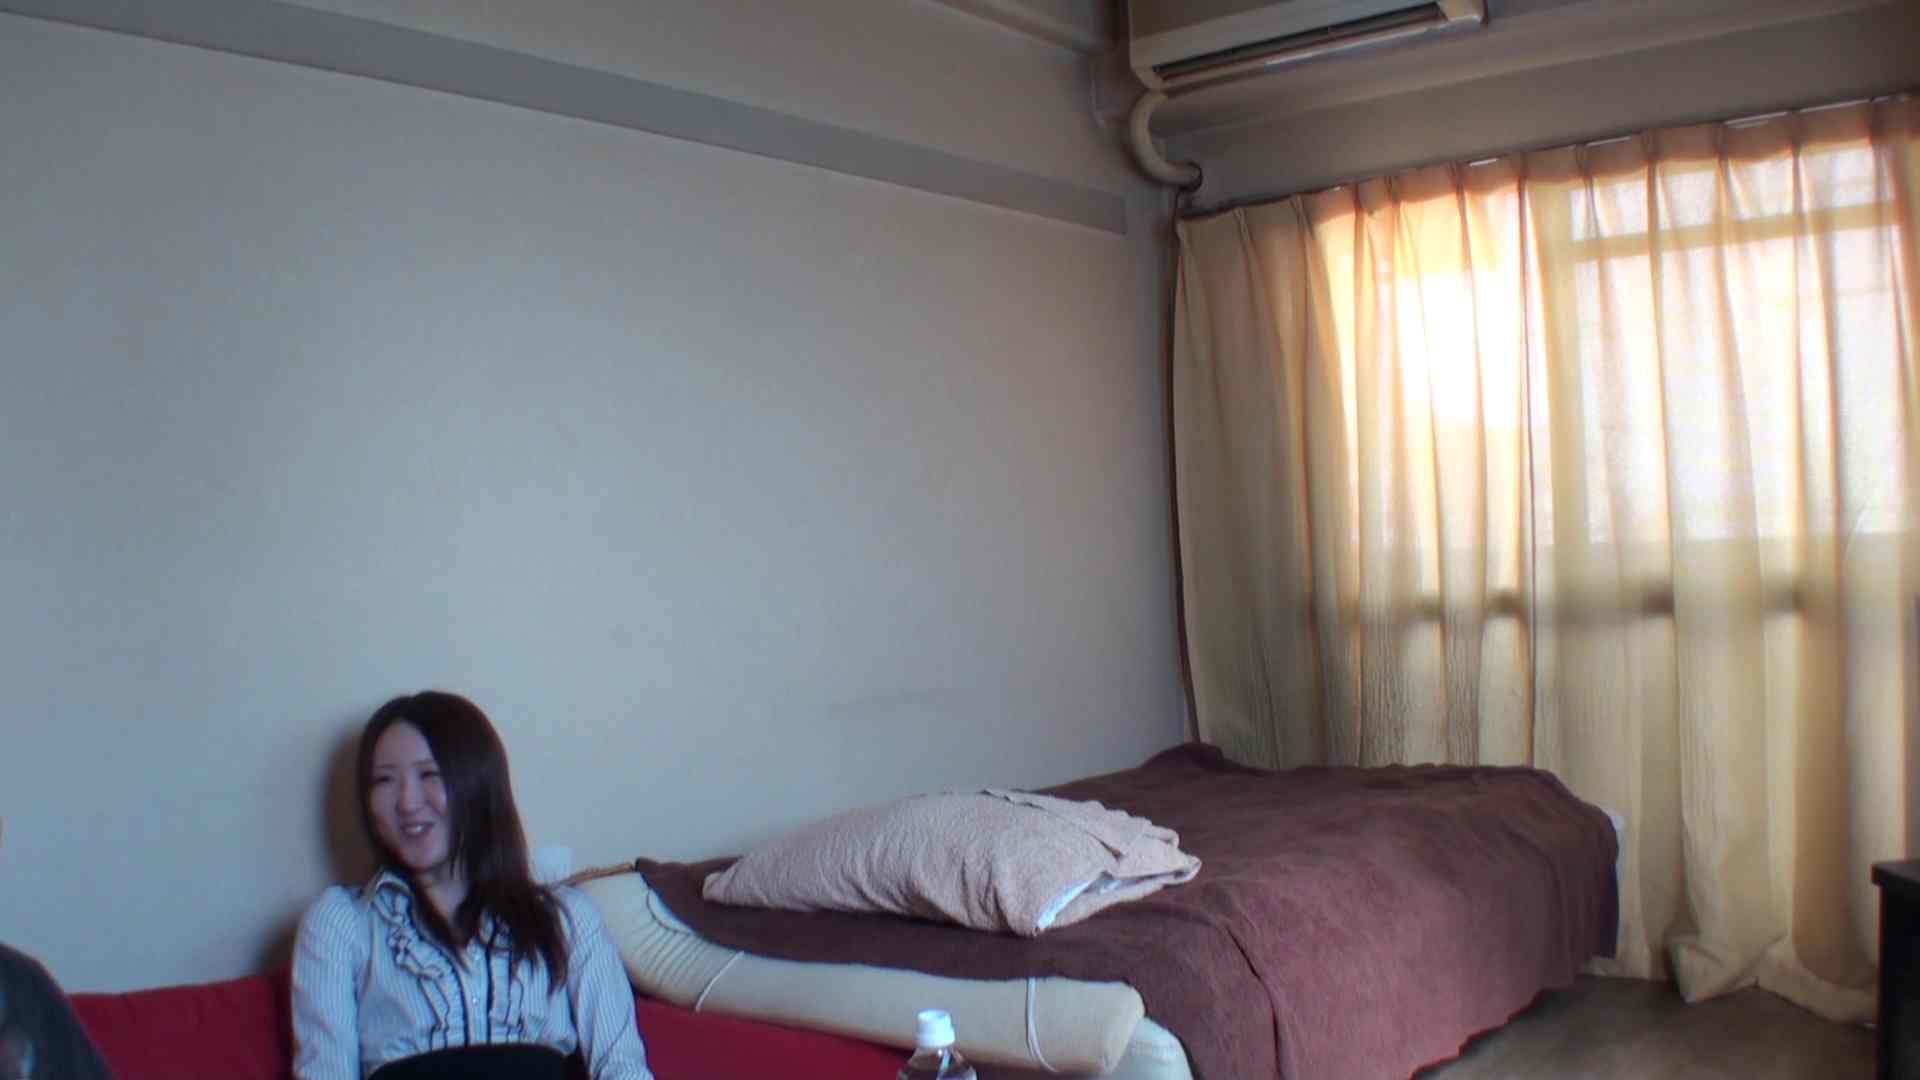 隠撮店の女の子をつまみ喰い~yukivol.4 隠撮 | OL裸体  107画像 18